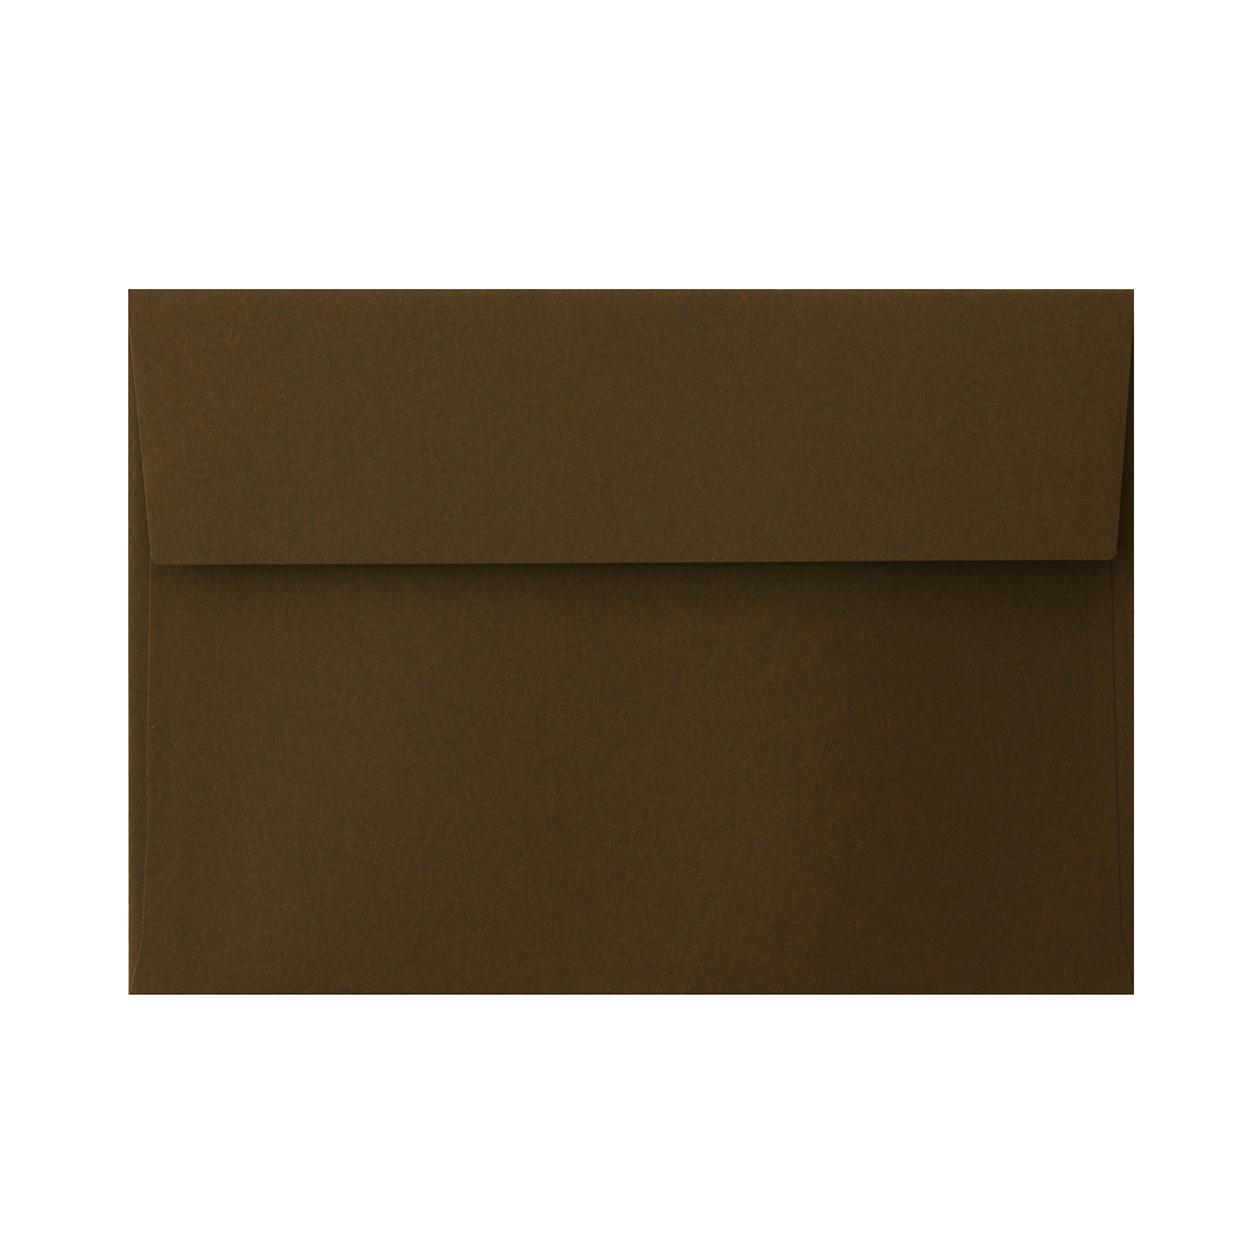 角6カマス封筒 コットン チョコレート 116.3g